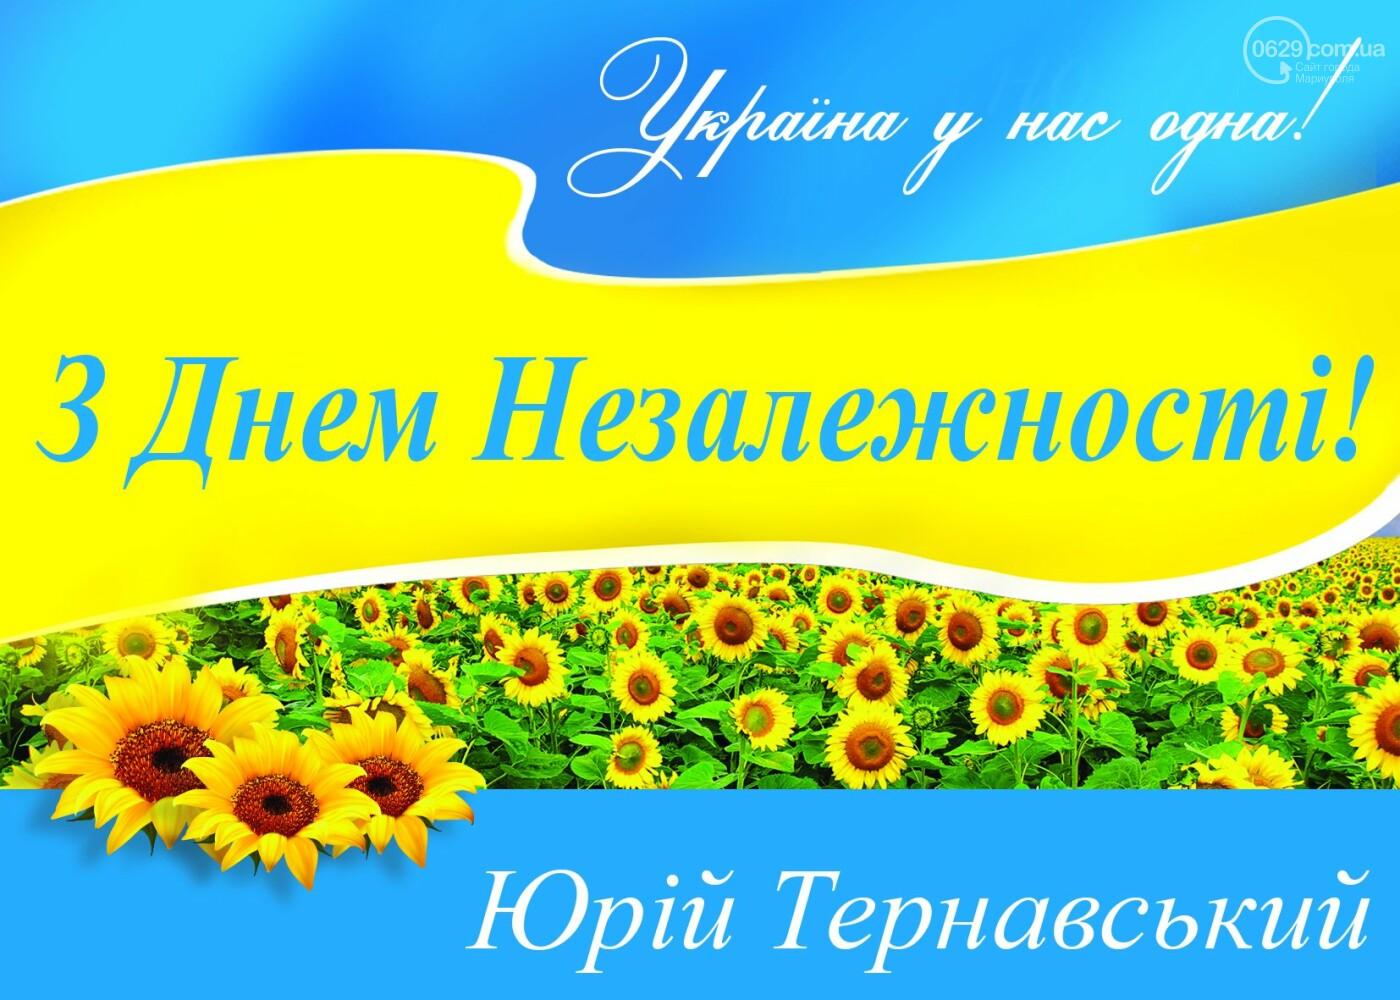 Юрий Тернавский поздравил мариупольцев с 27-летием Независимости Украины, фото-1